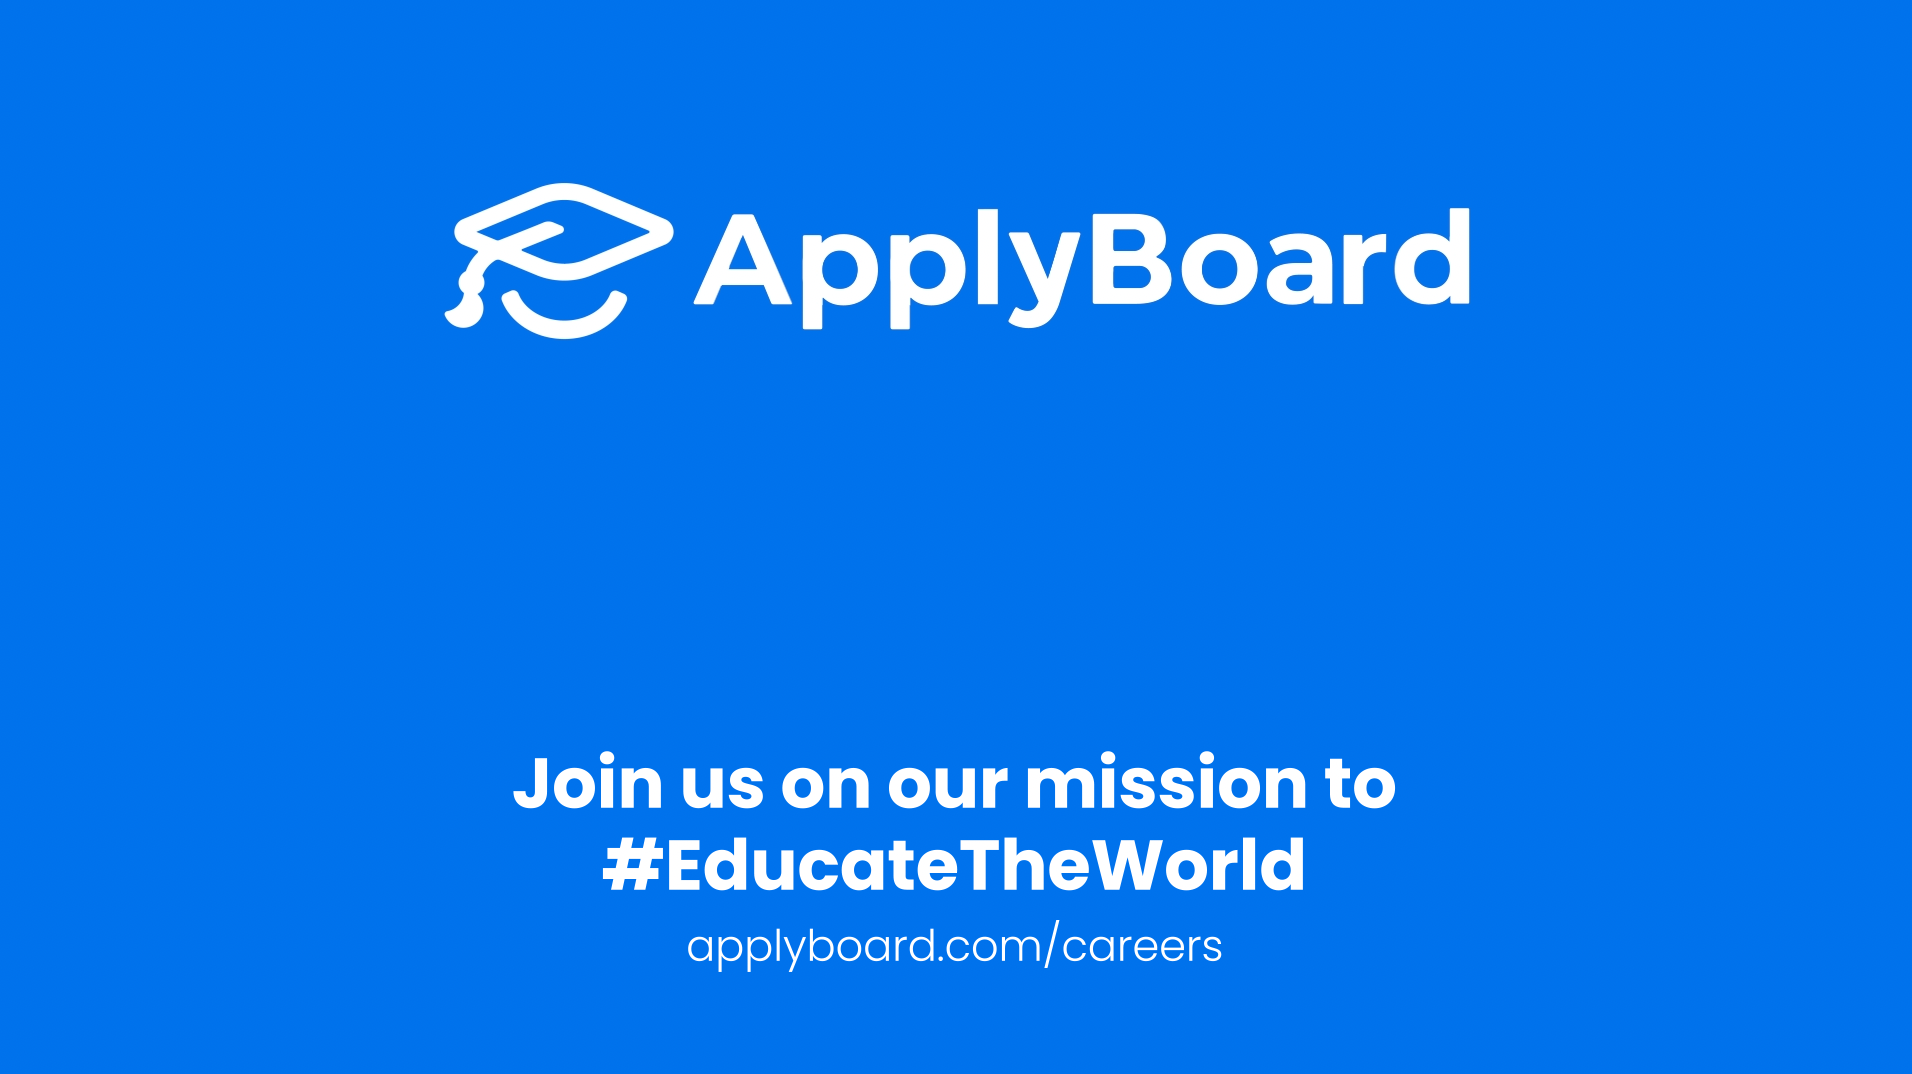 Video of ApplyBoard Engineering Team Members